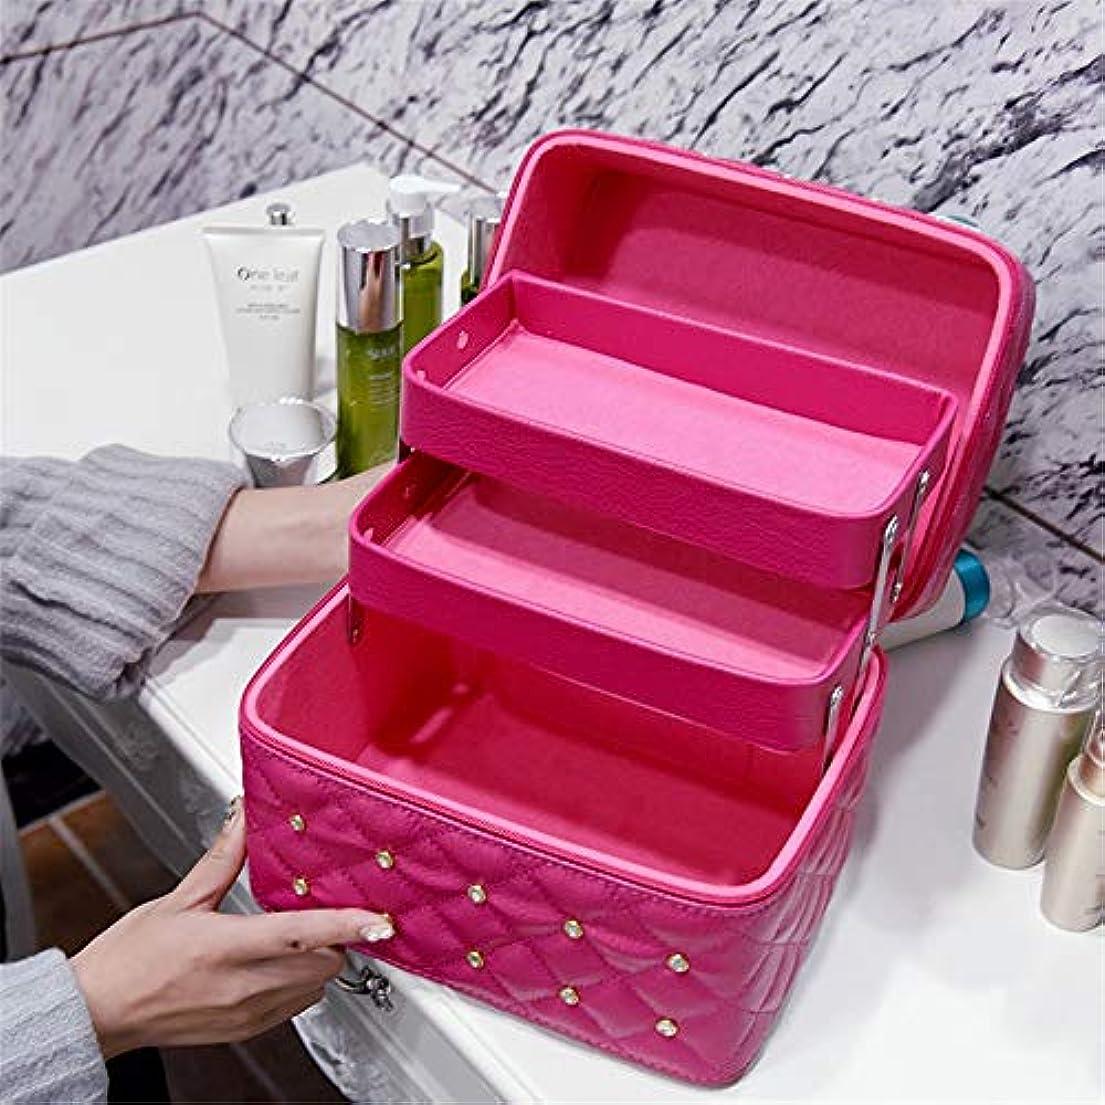 ゴミ箱を空にするバッグ歩行者化粧オーガナイザーバッグ メイクアップトラベルバッグPUレター防水化粧ケースティーン女の子の女性のアーティストのための 化粧品ケース